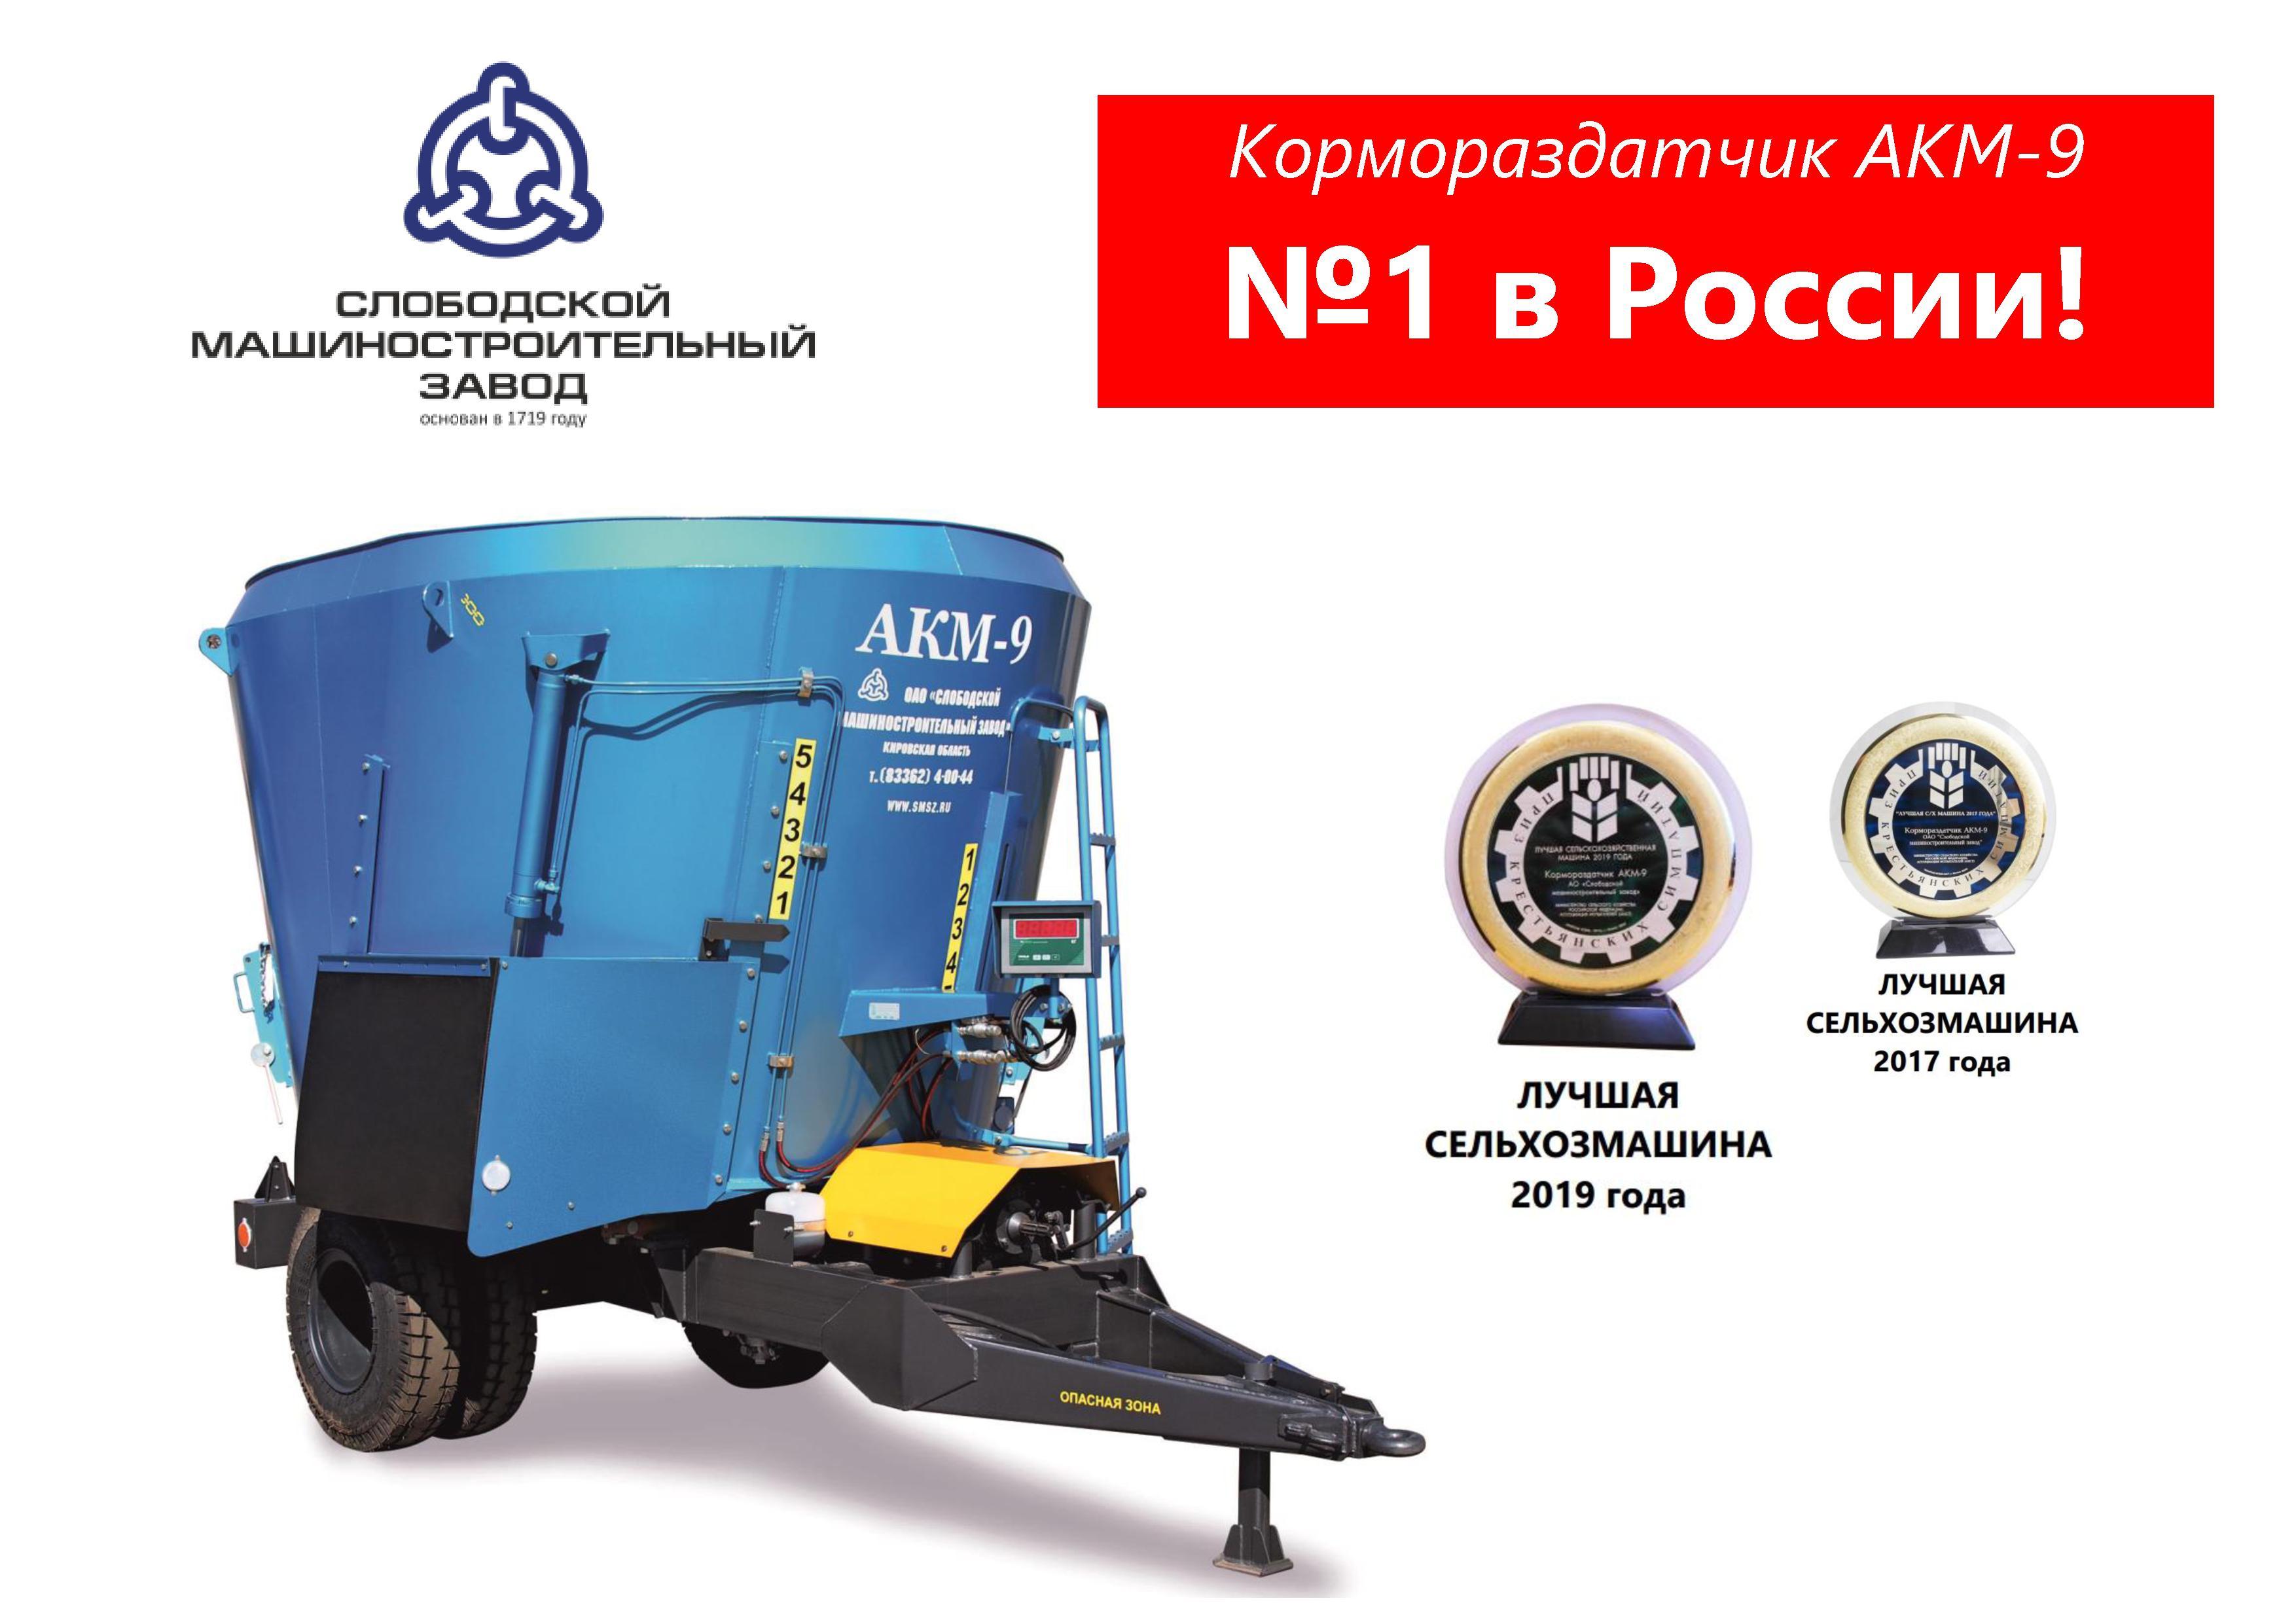 АКМ-9 №1 в России 2019 2017 на слайдер